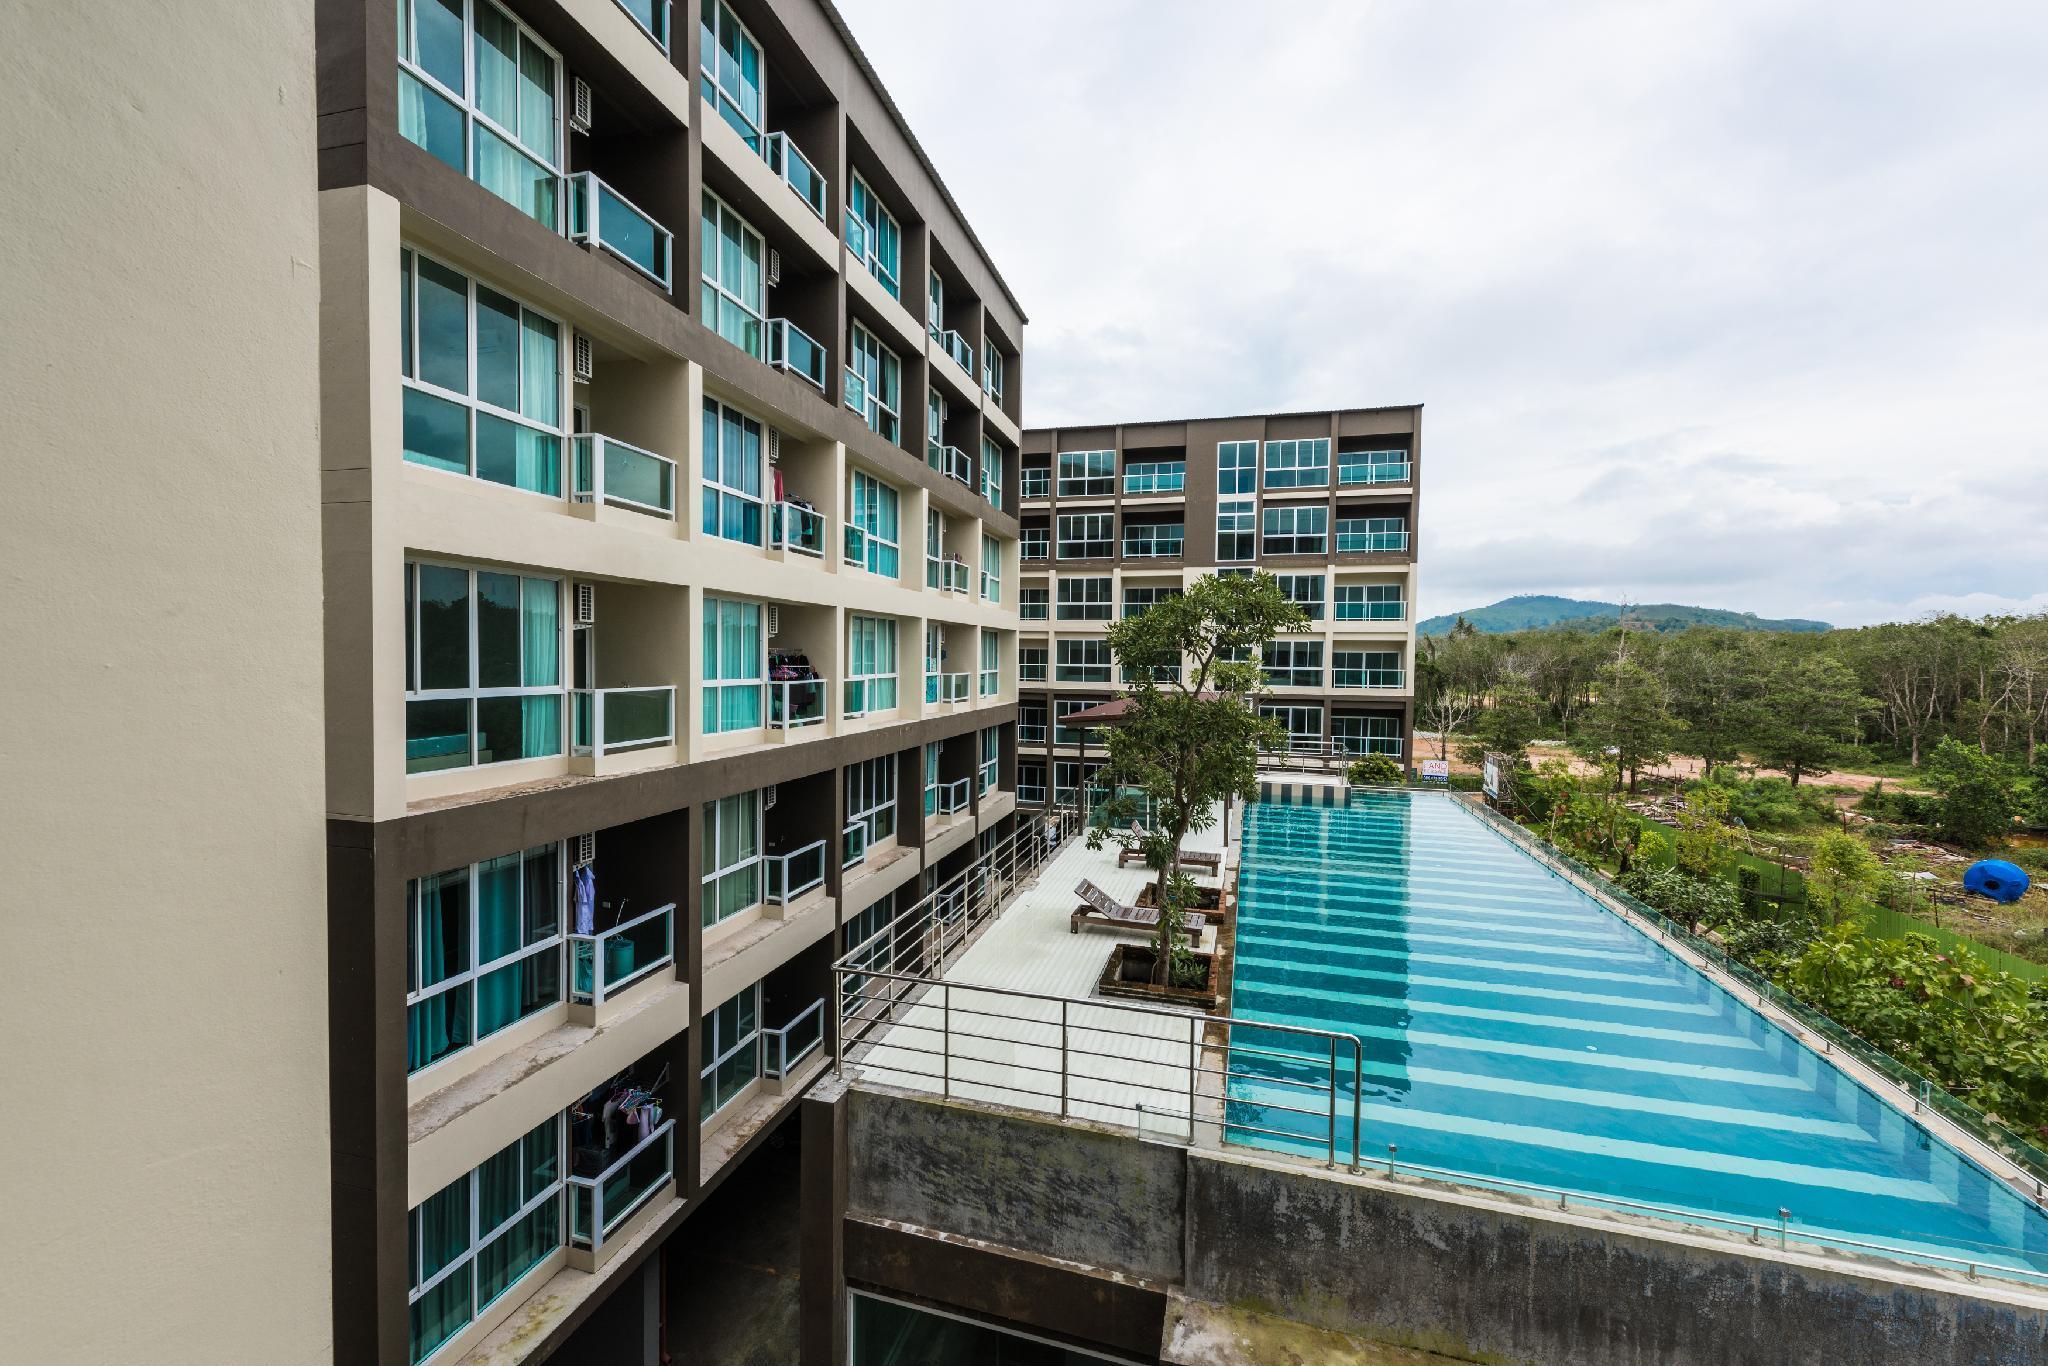 JJ Airport Phuket Luxury Private Condominium AndPool